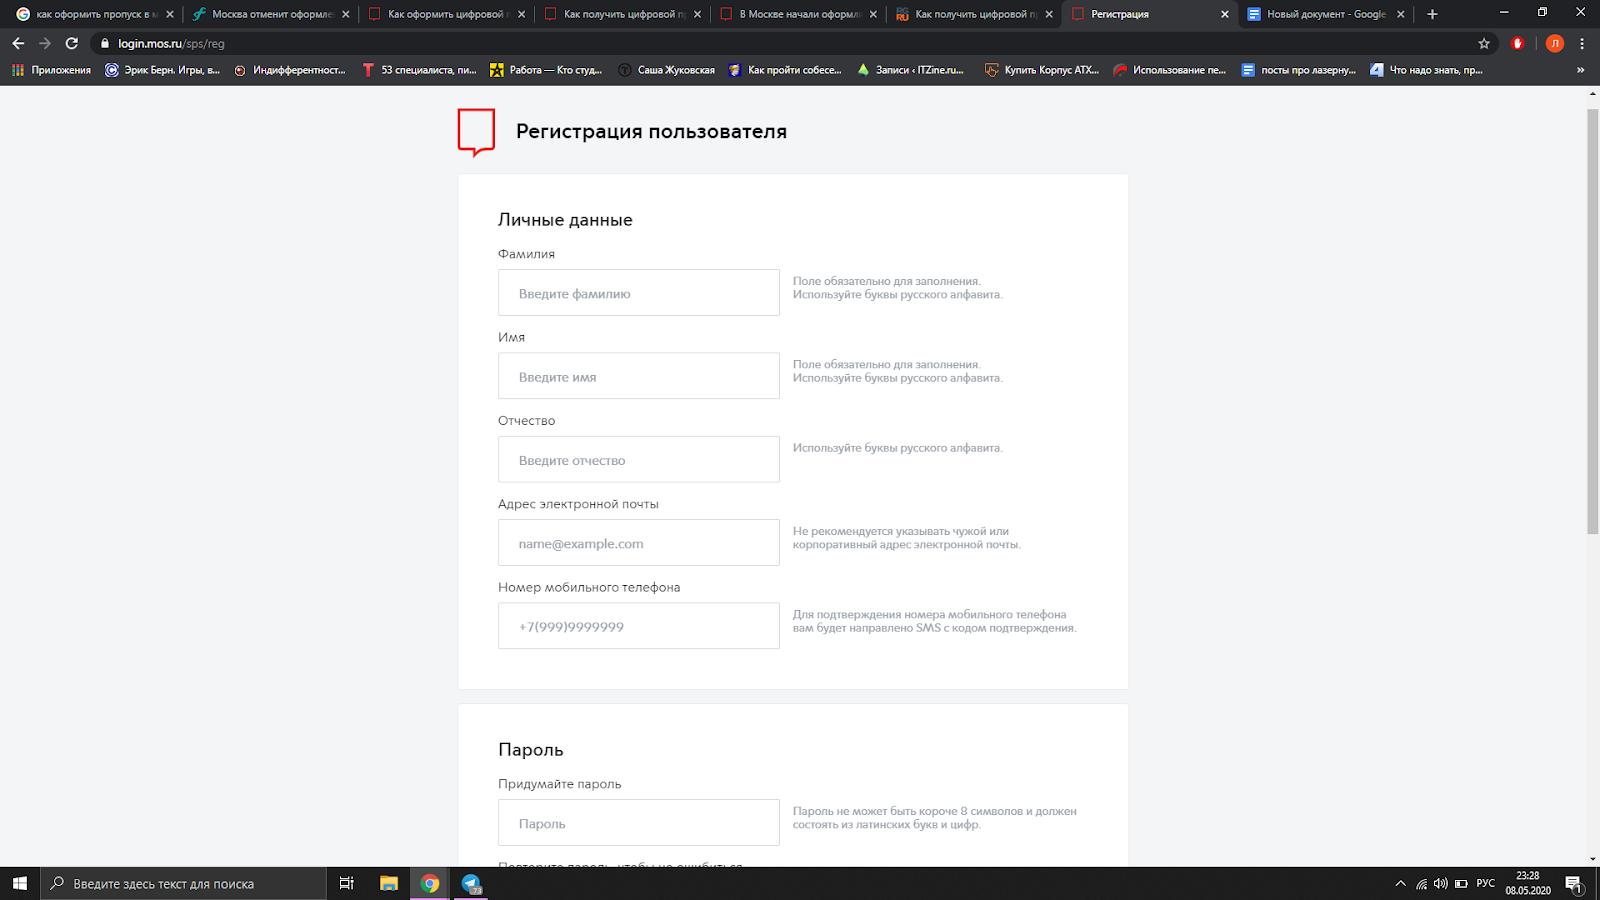 Инструкция. Как оформить цифровой пропуск в Москве. Все способы